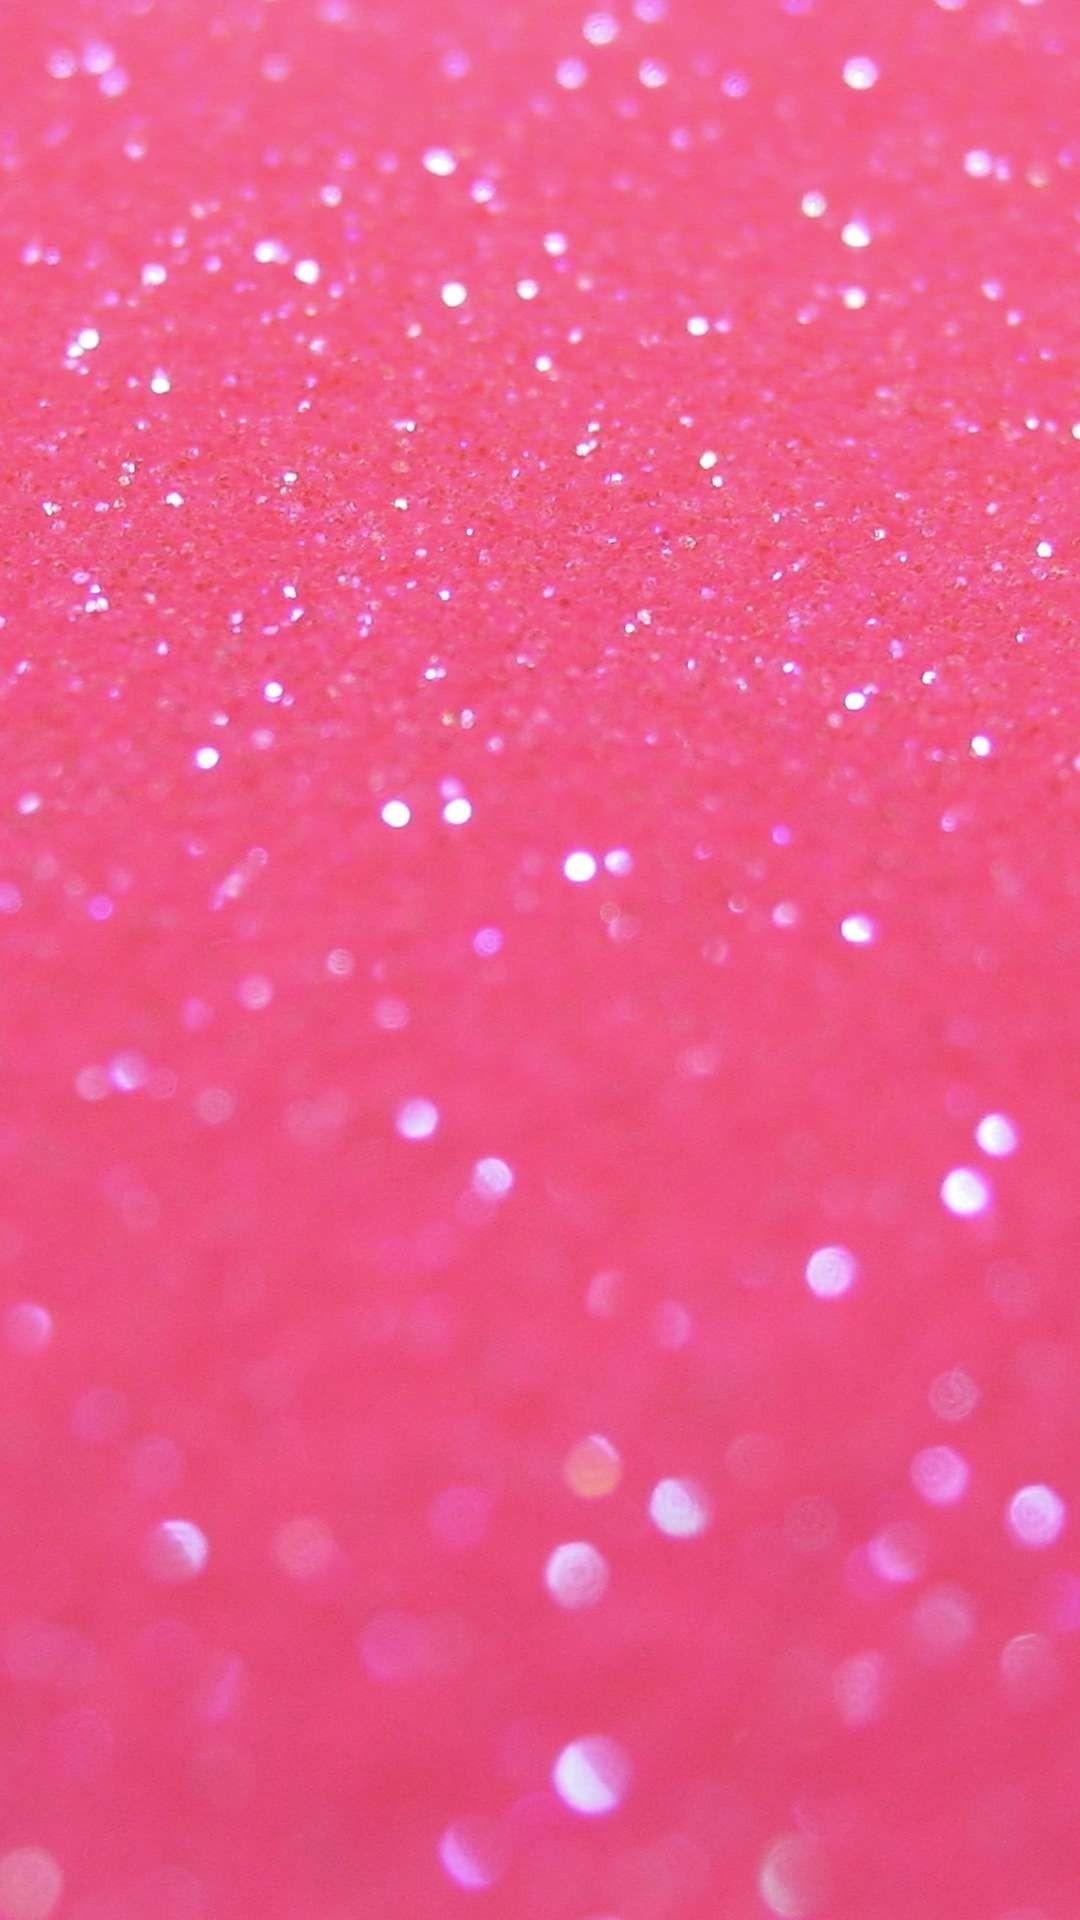 Glitter iPhone 6 wallpaper